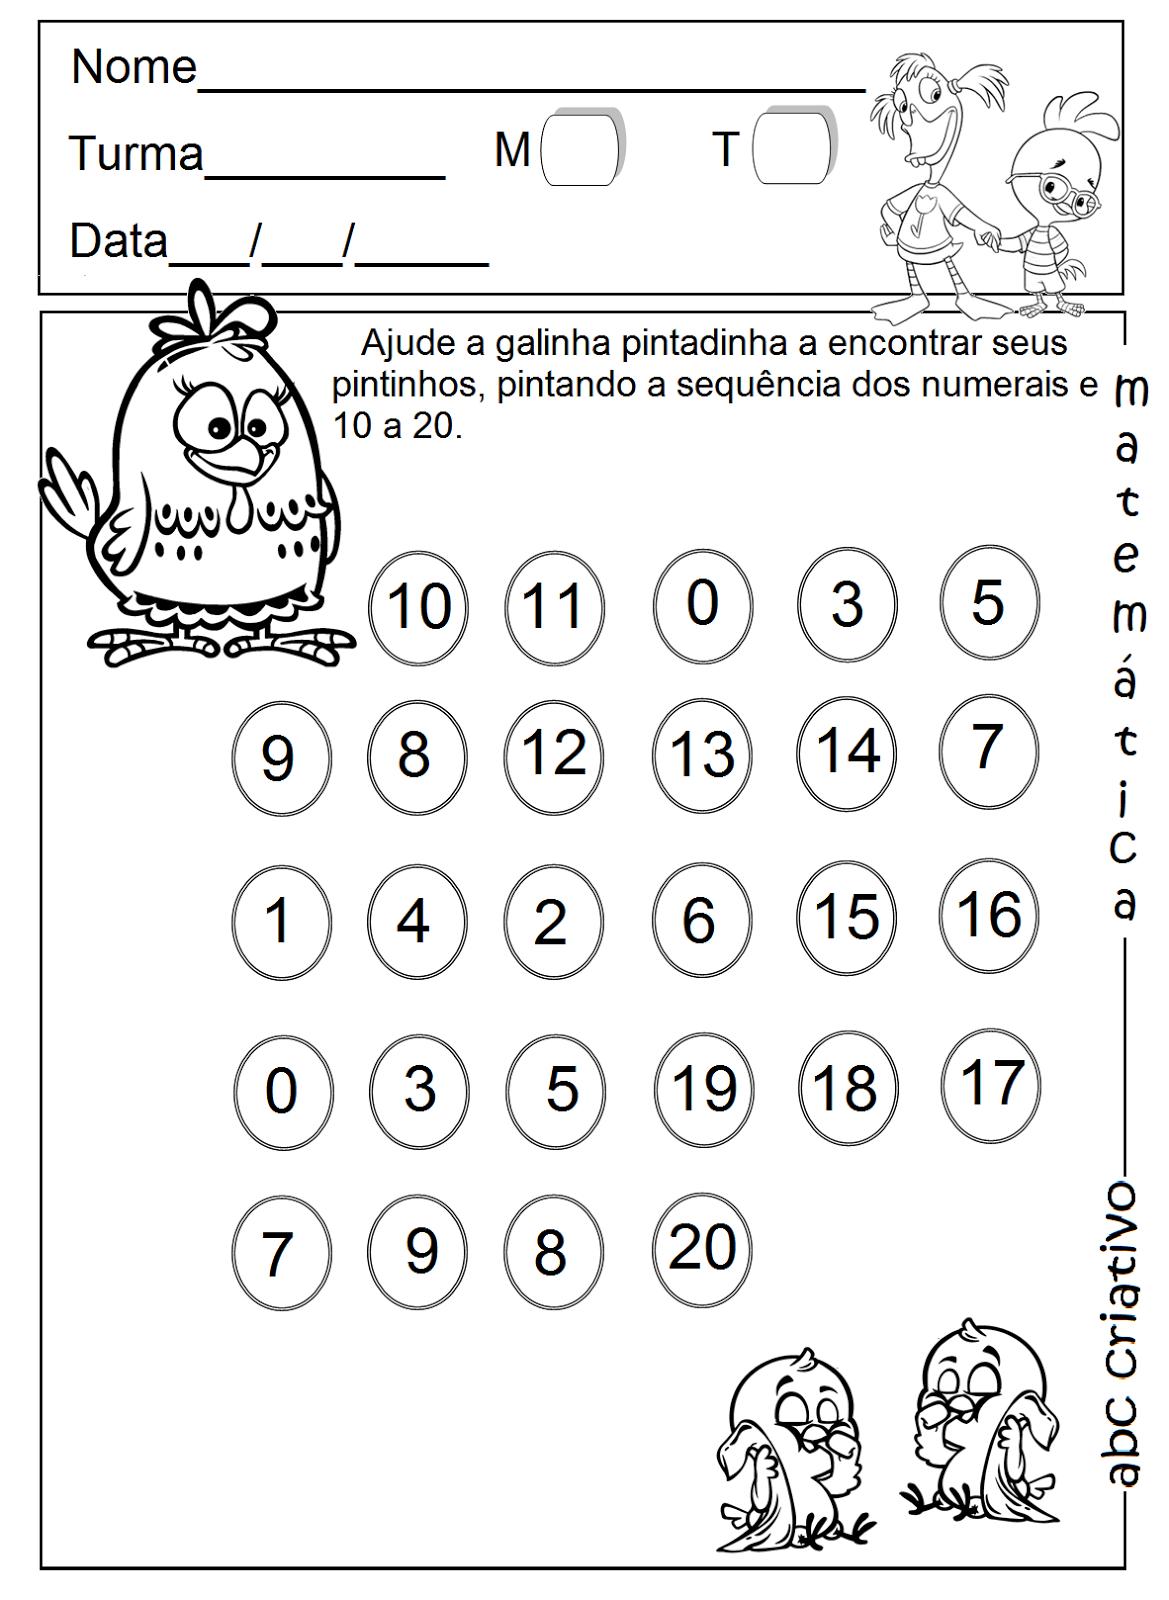 Preferência A Arte de Educar: Matemática 4 e 5 anos - Coleção ABC criativo MI31